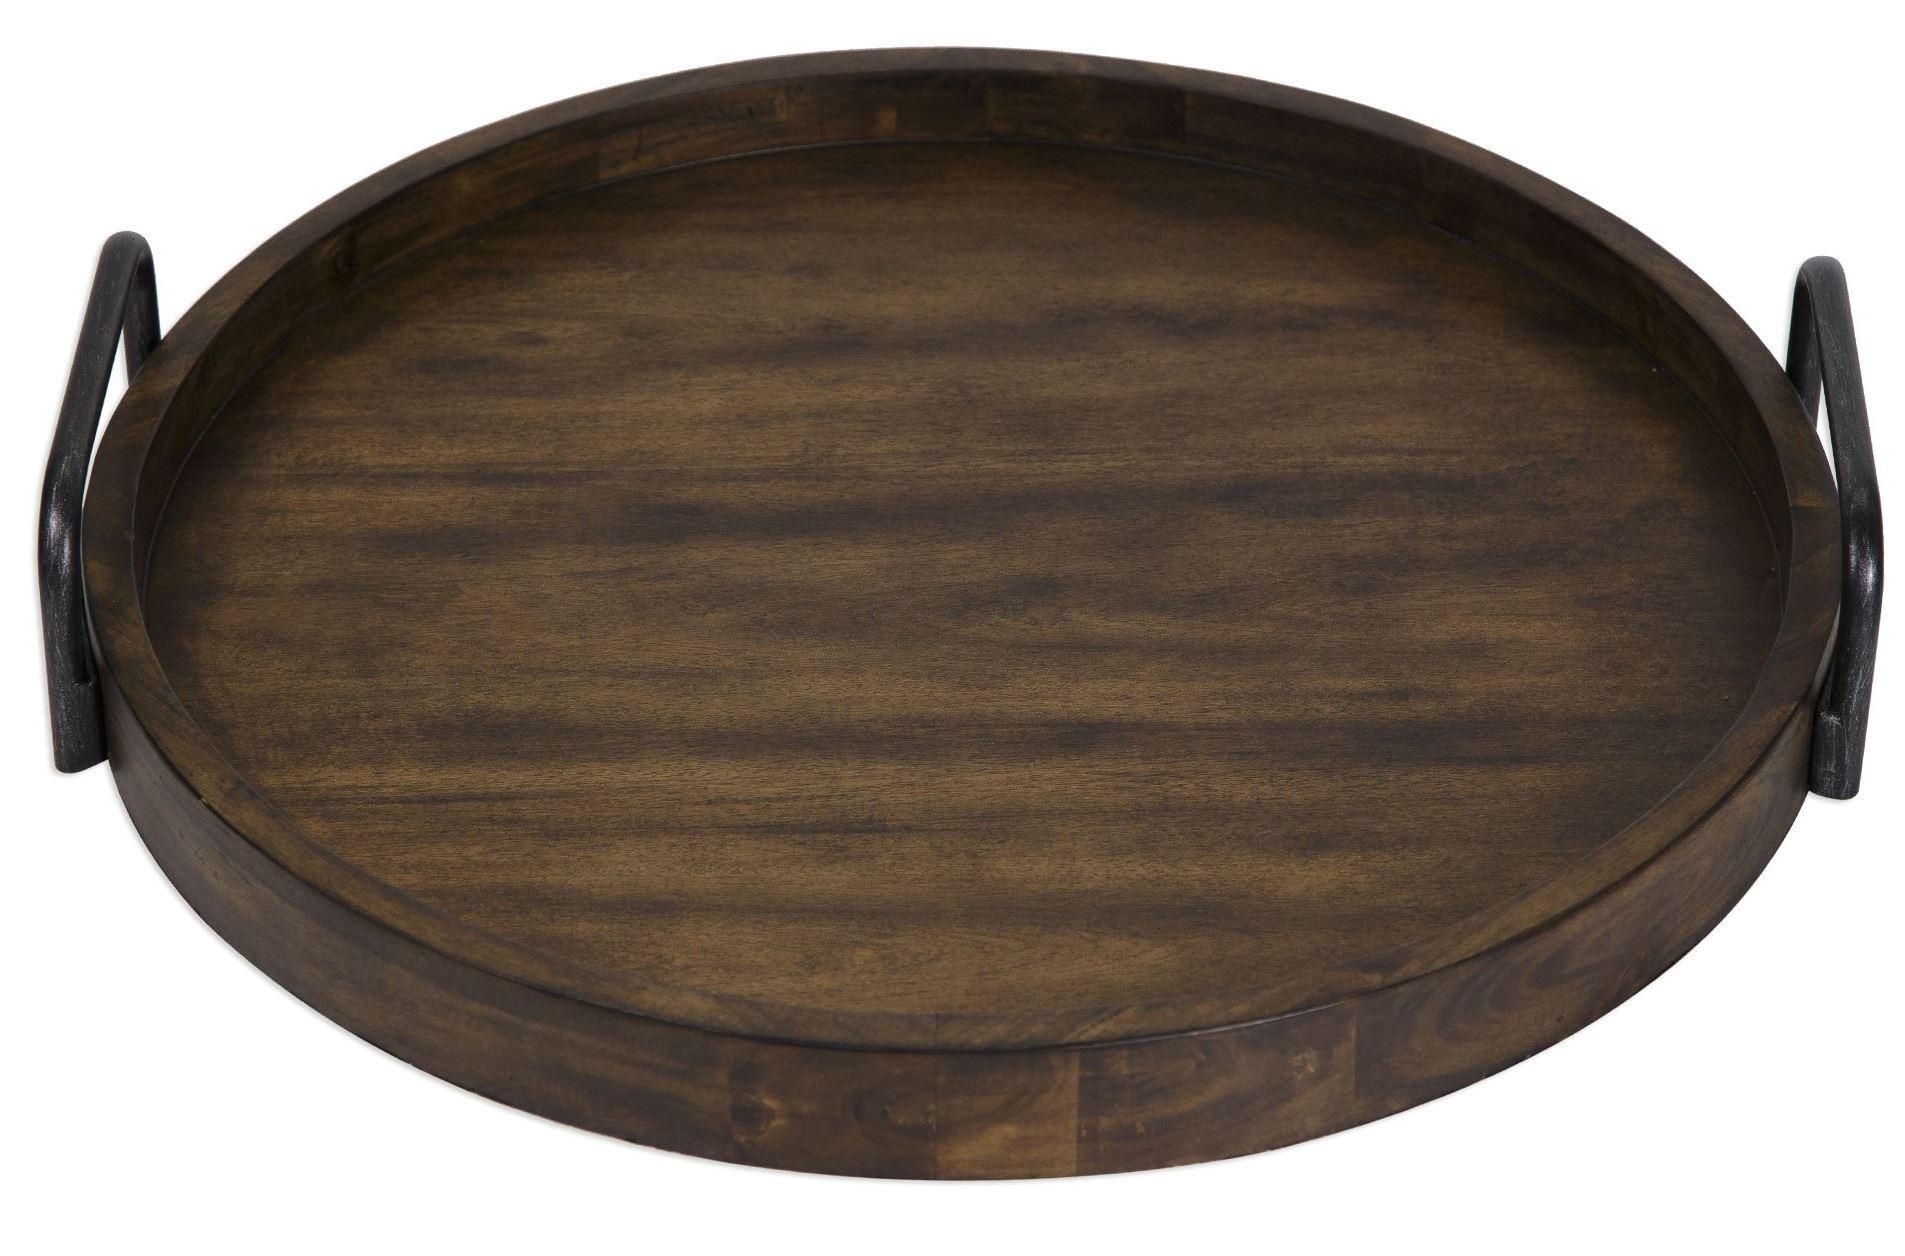 Reine Brown Round Wooden Tray From Uttermost Coleman